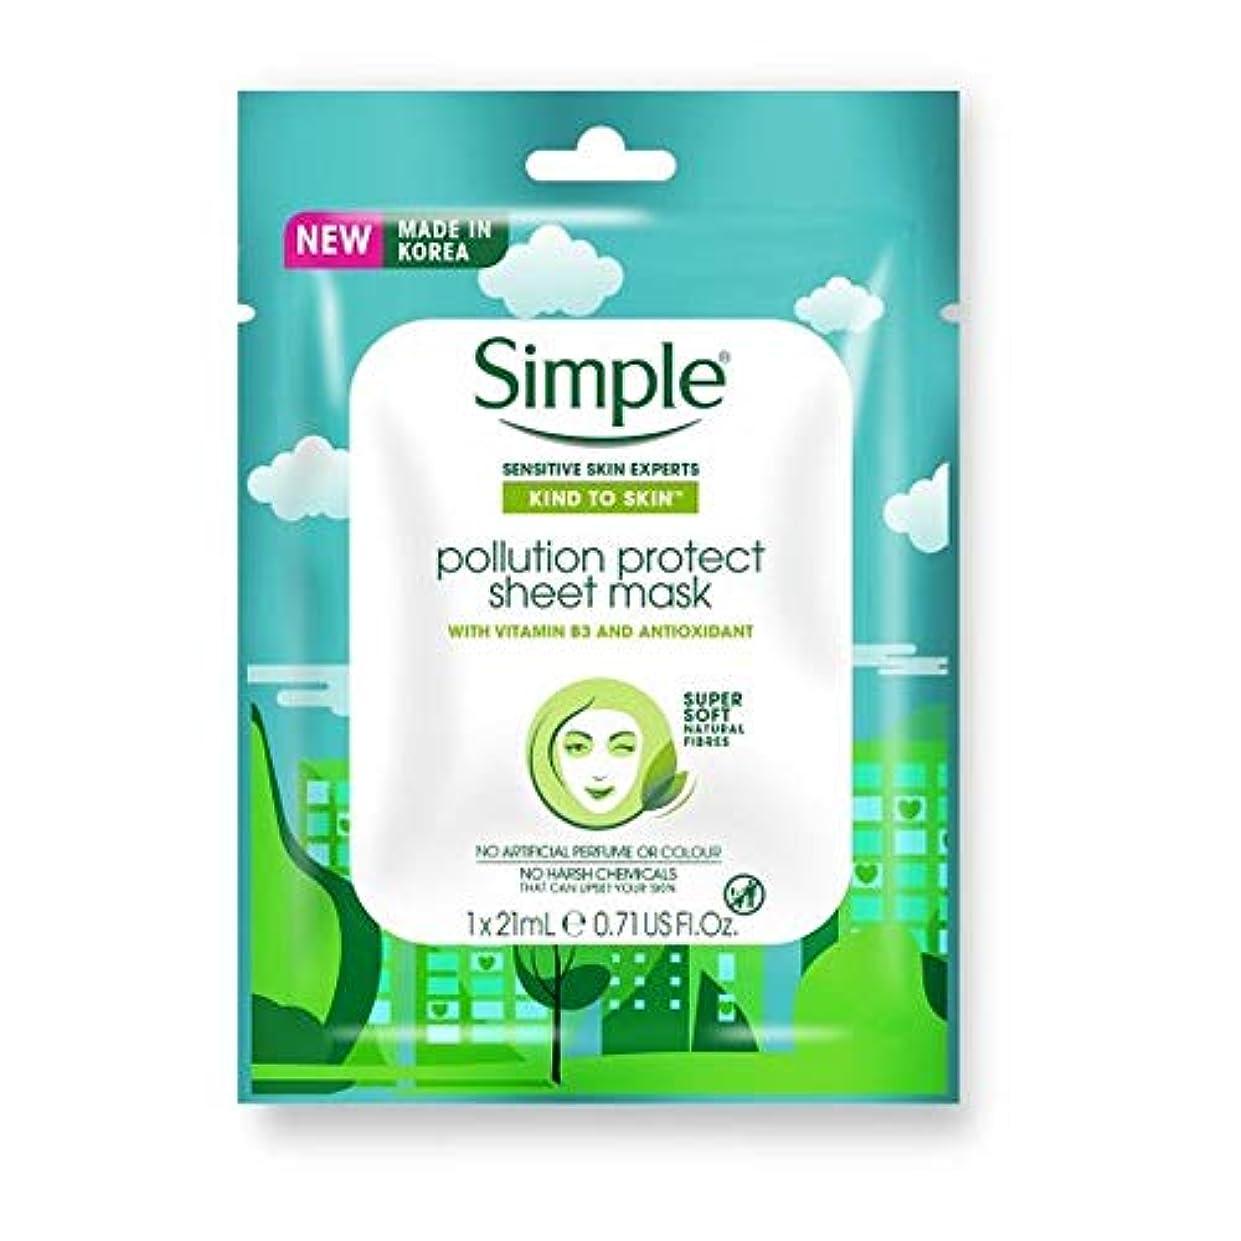 ポジティブ詐欺師医薬[Simple] 皮膚汚染への単純な種類のシートマスク21ミリリットルを保護 - Simple Kind To Skin Pollution Protect Sheet Mask 21Ml [並行輸入品]